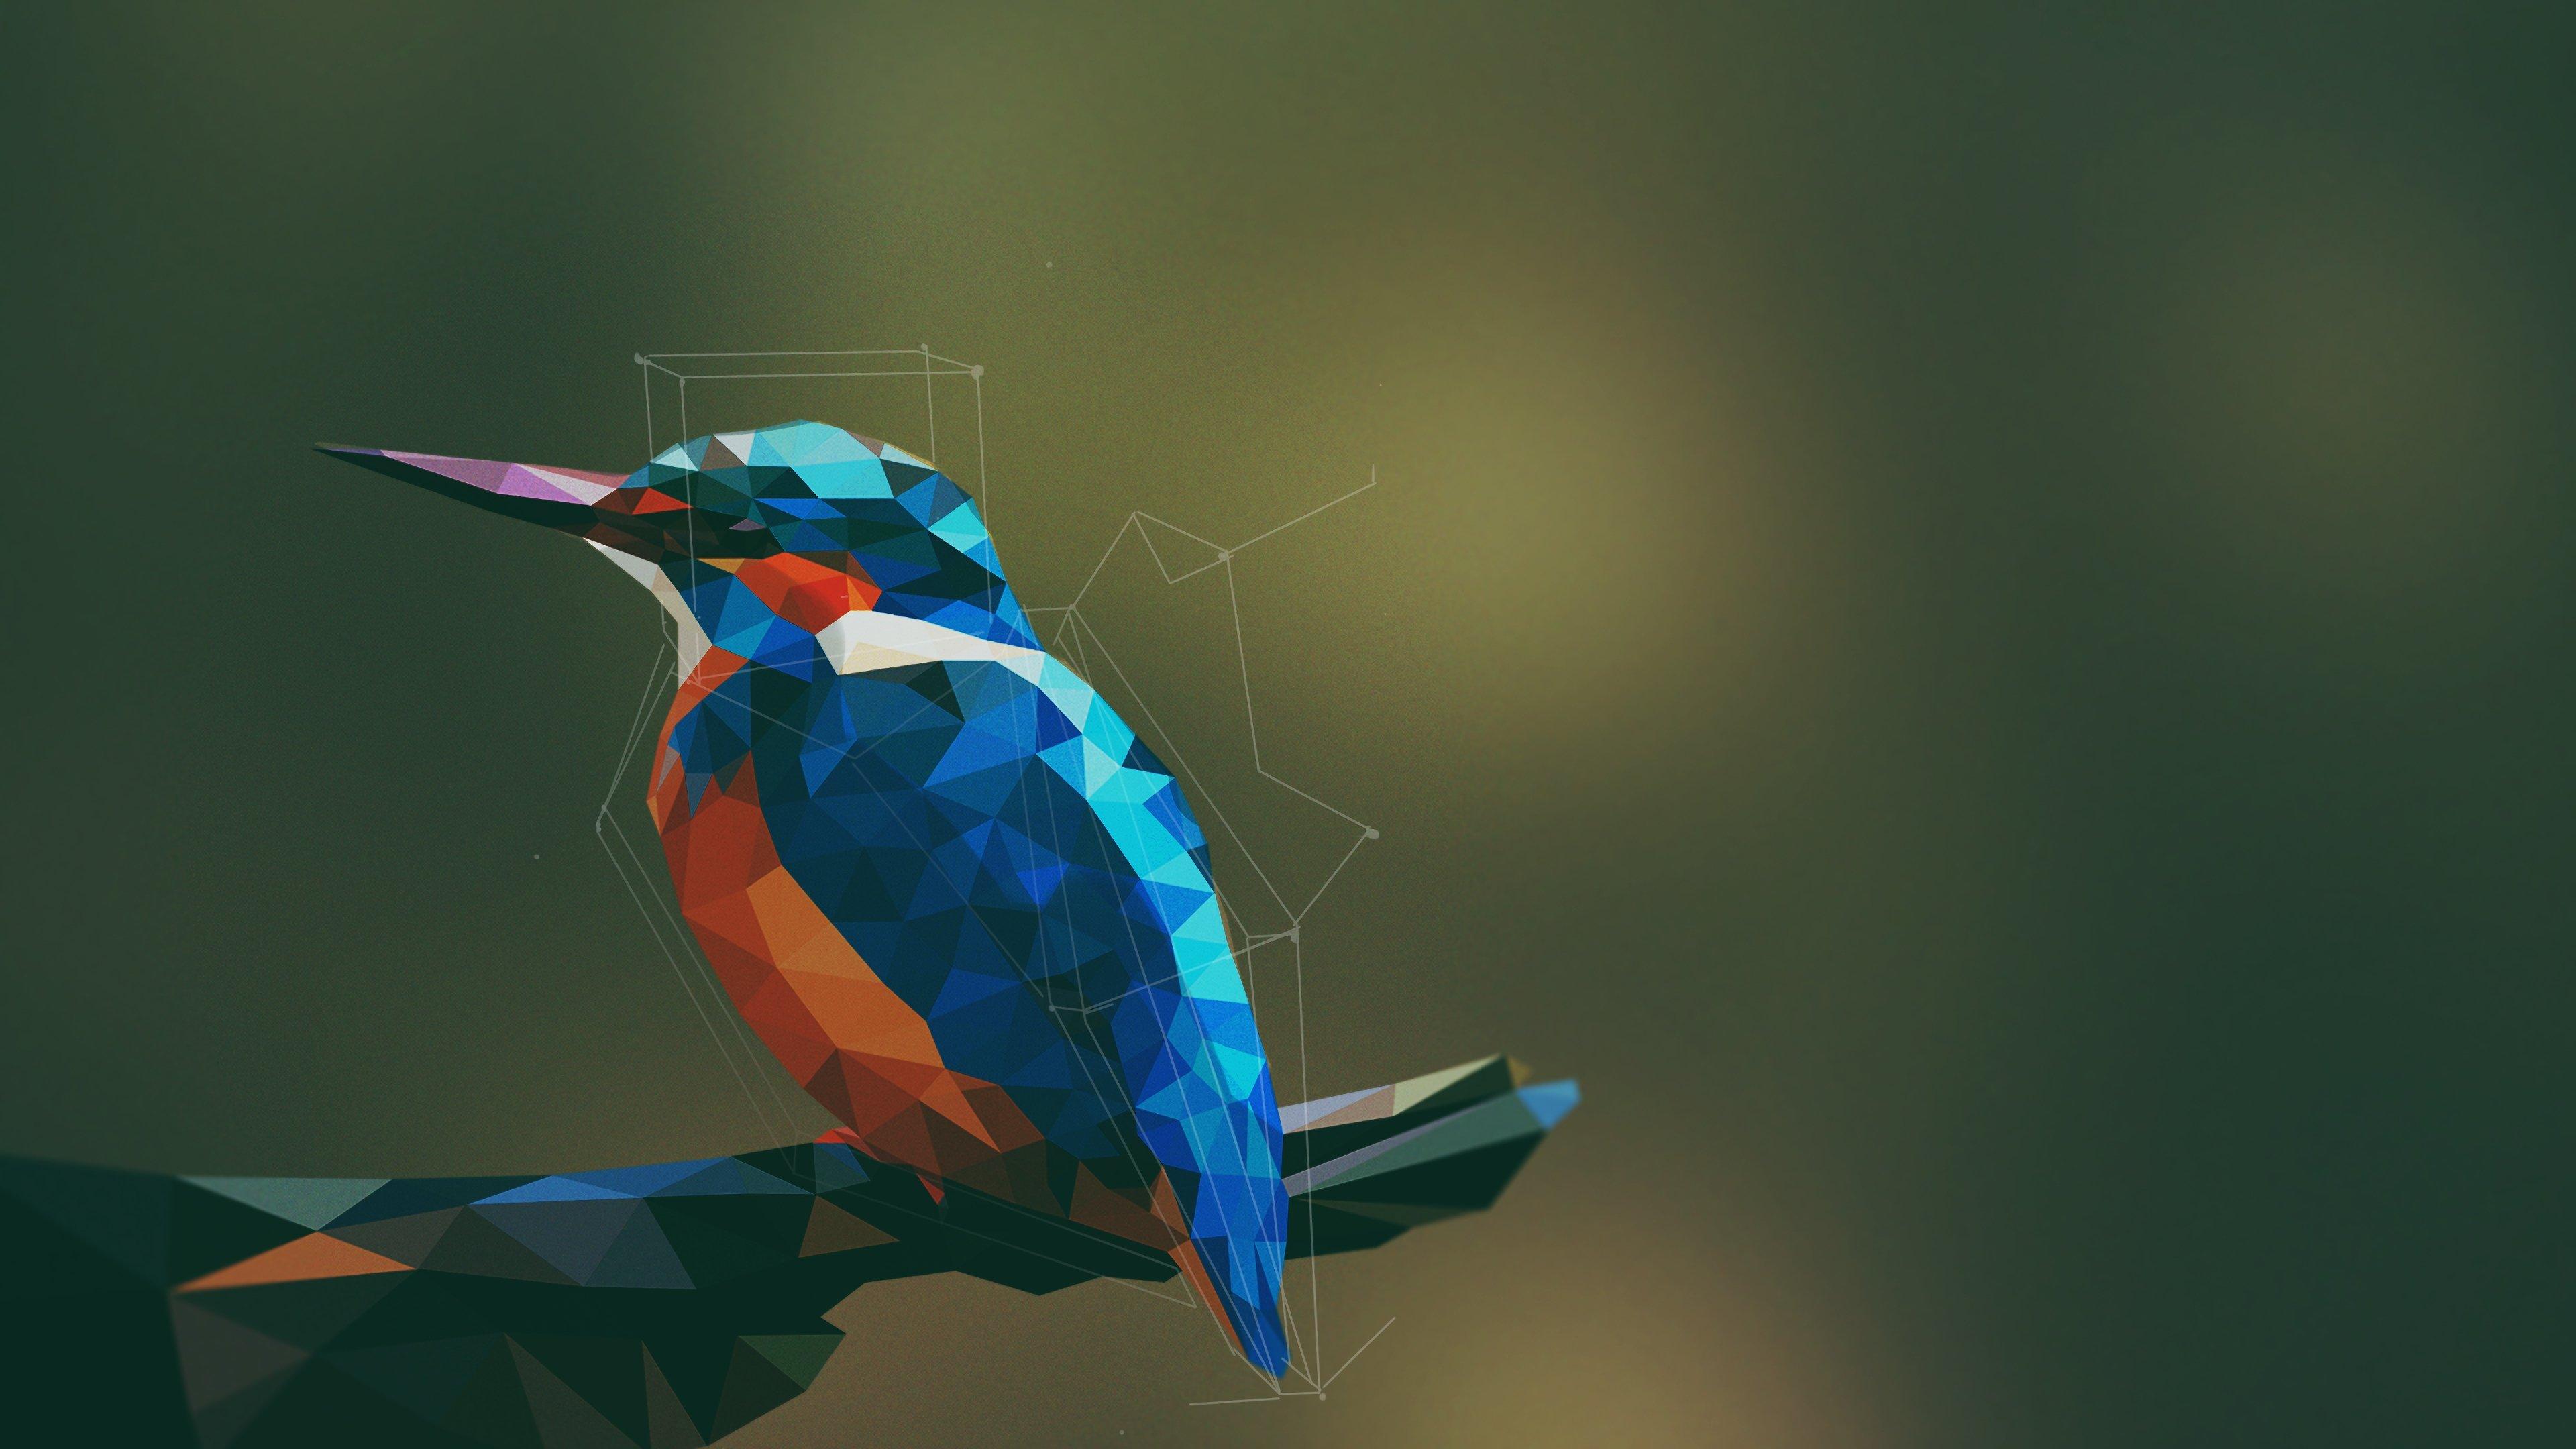 Fondos de pantalla Pájaro abstracto con arte digital